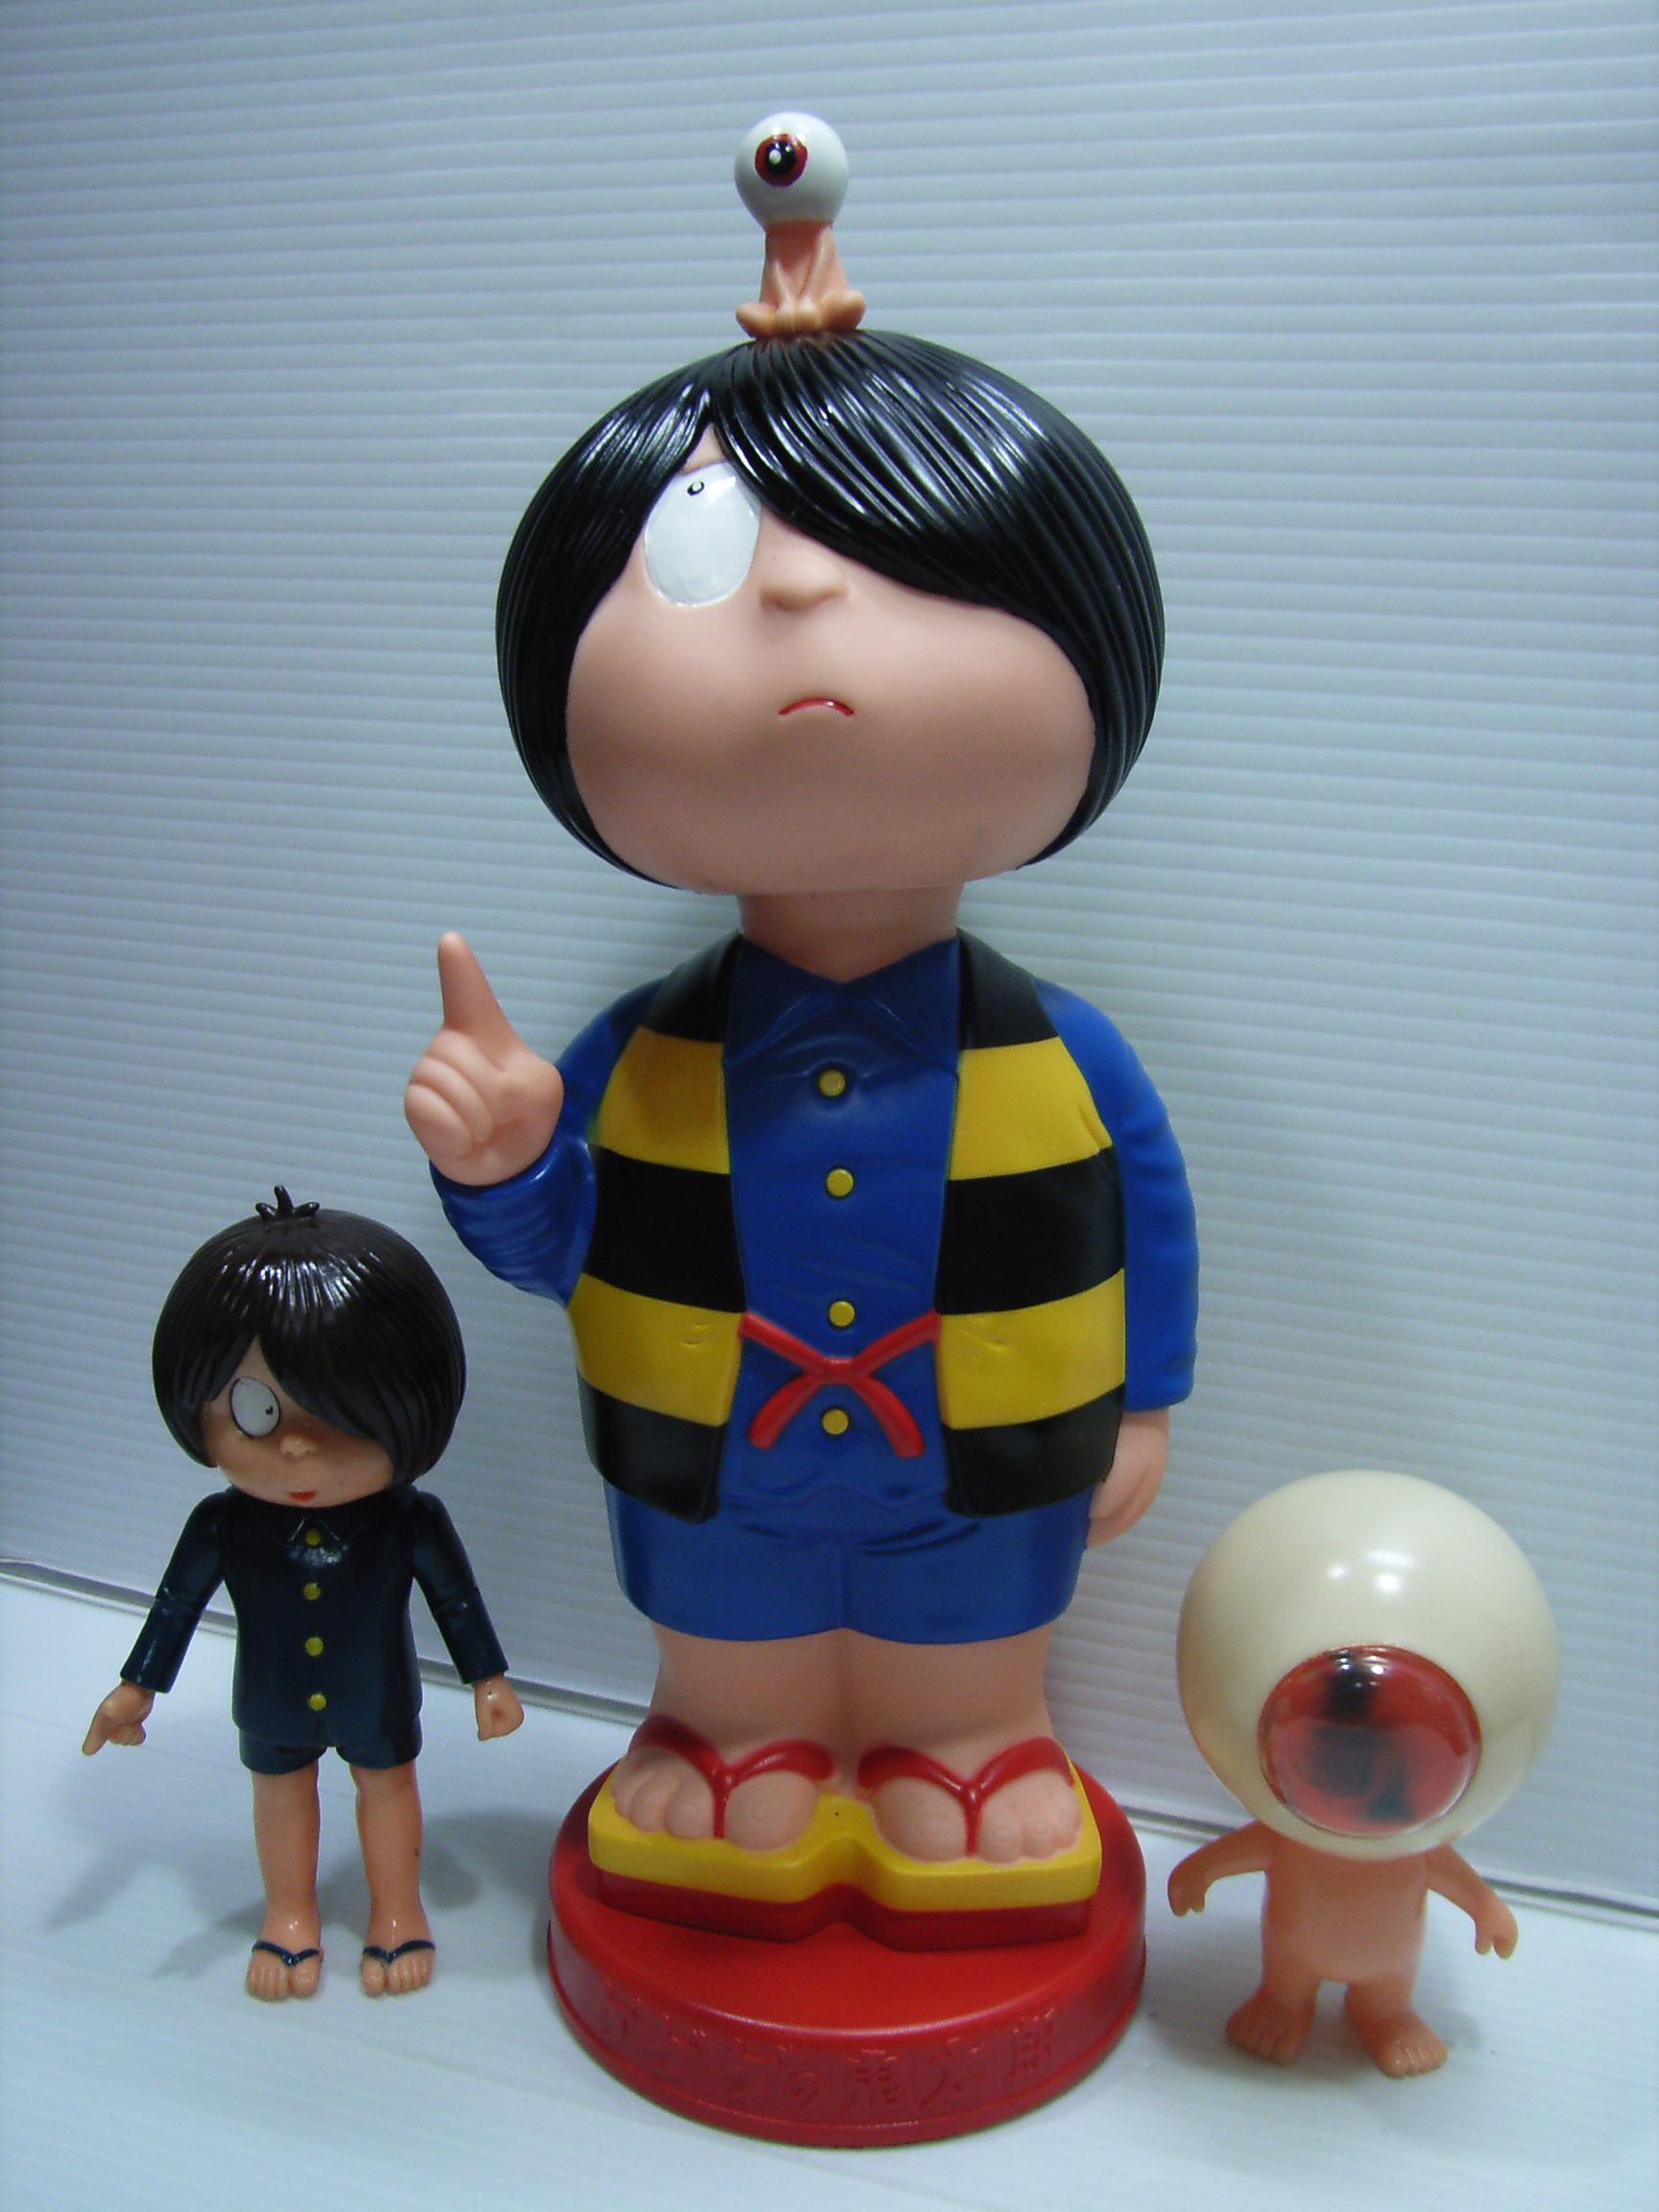 ゲゲゲの鬼太郎 首ふり ソフビ人形 大型 30.0cm 版権有 JAPAN アニメ 現状 【TO3462】